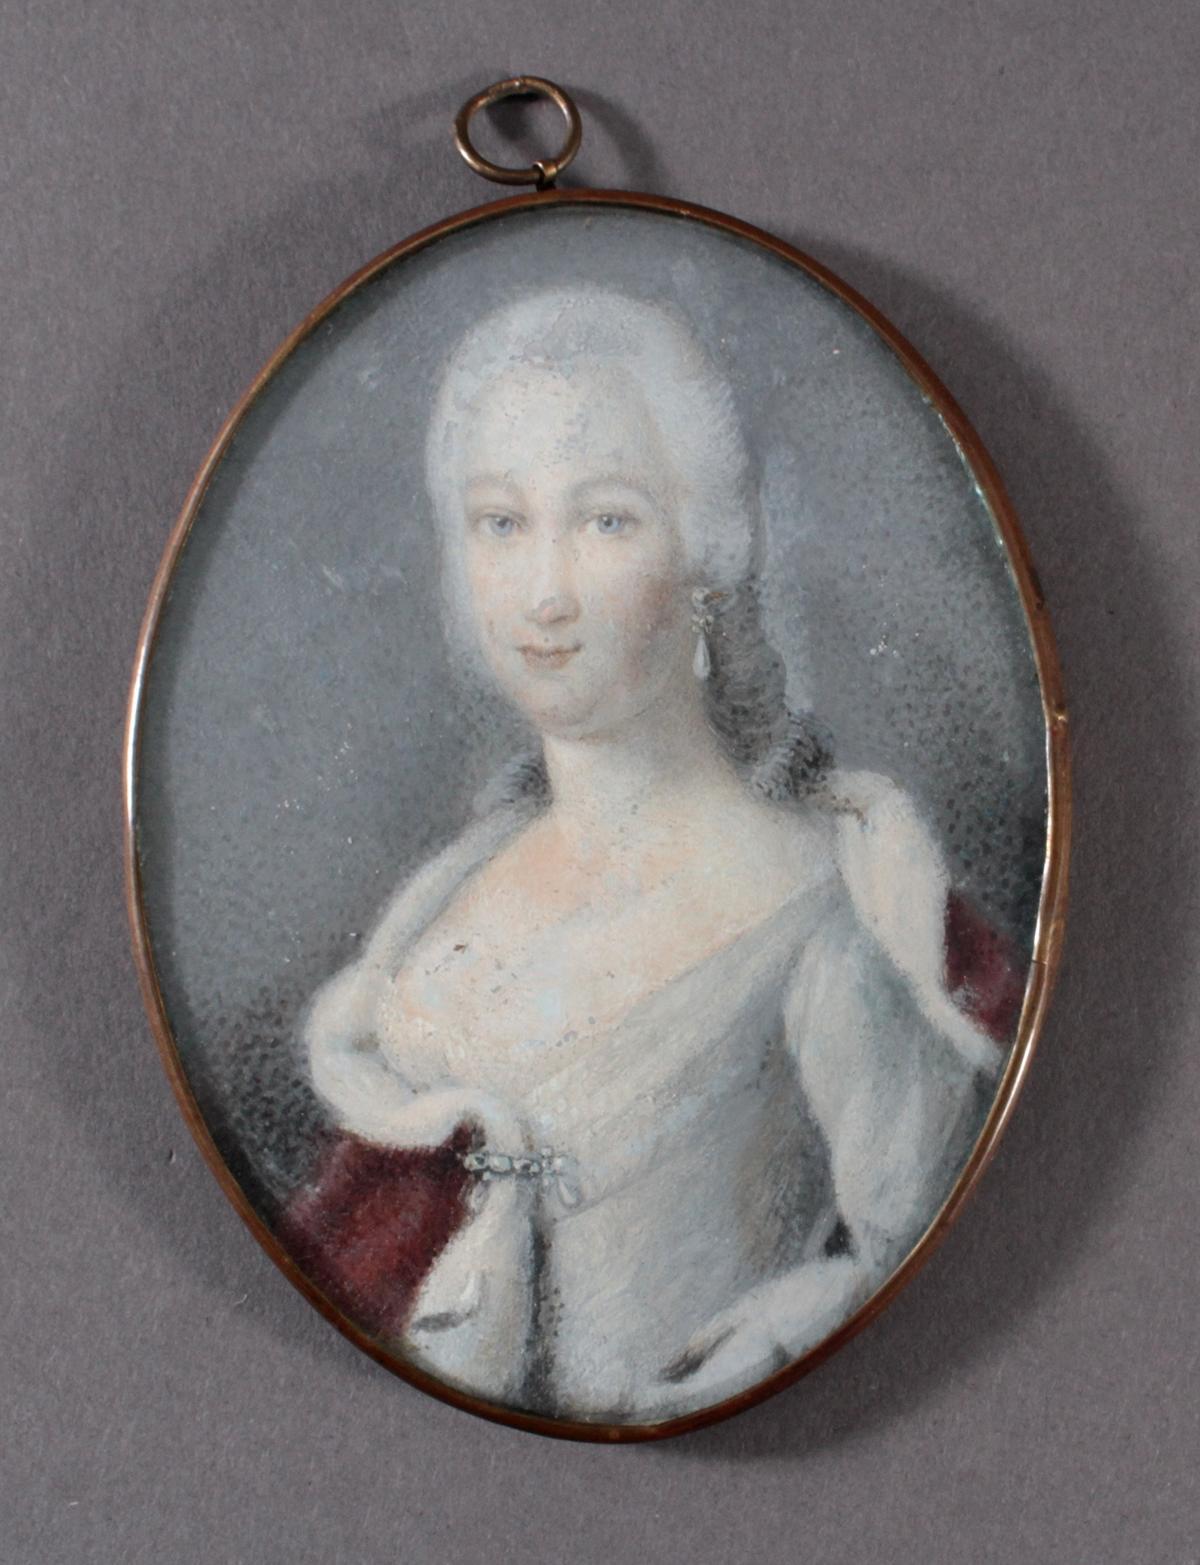 Die junge Karoline Henriette von Pfalz-Zweibrücken (1721 – 1774). Miniaturportrait